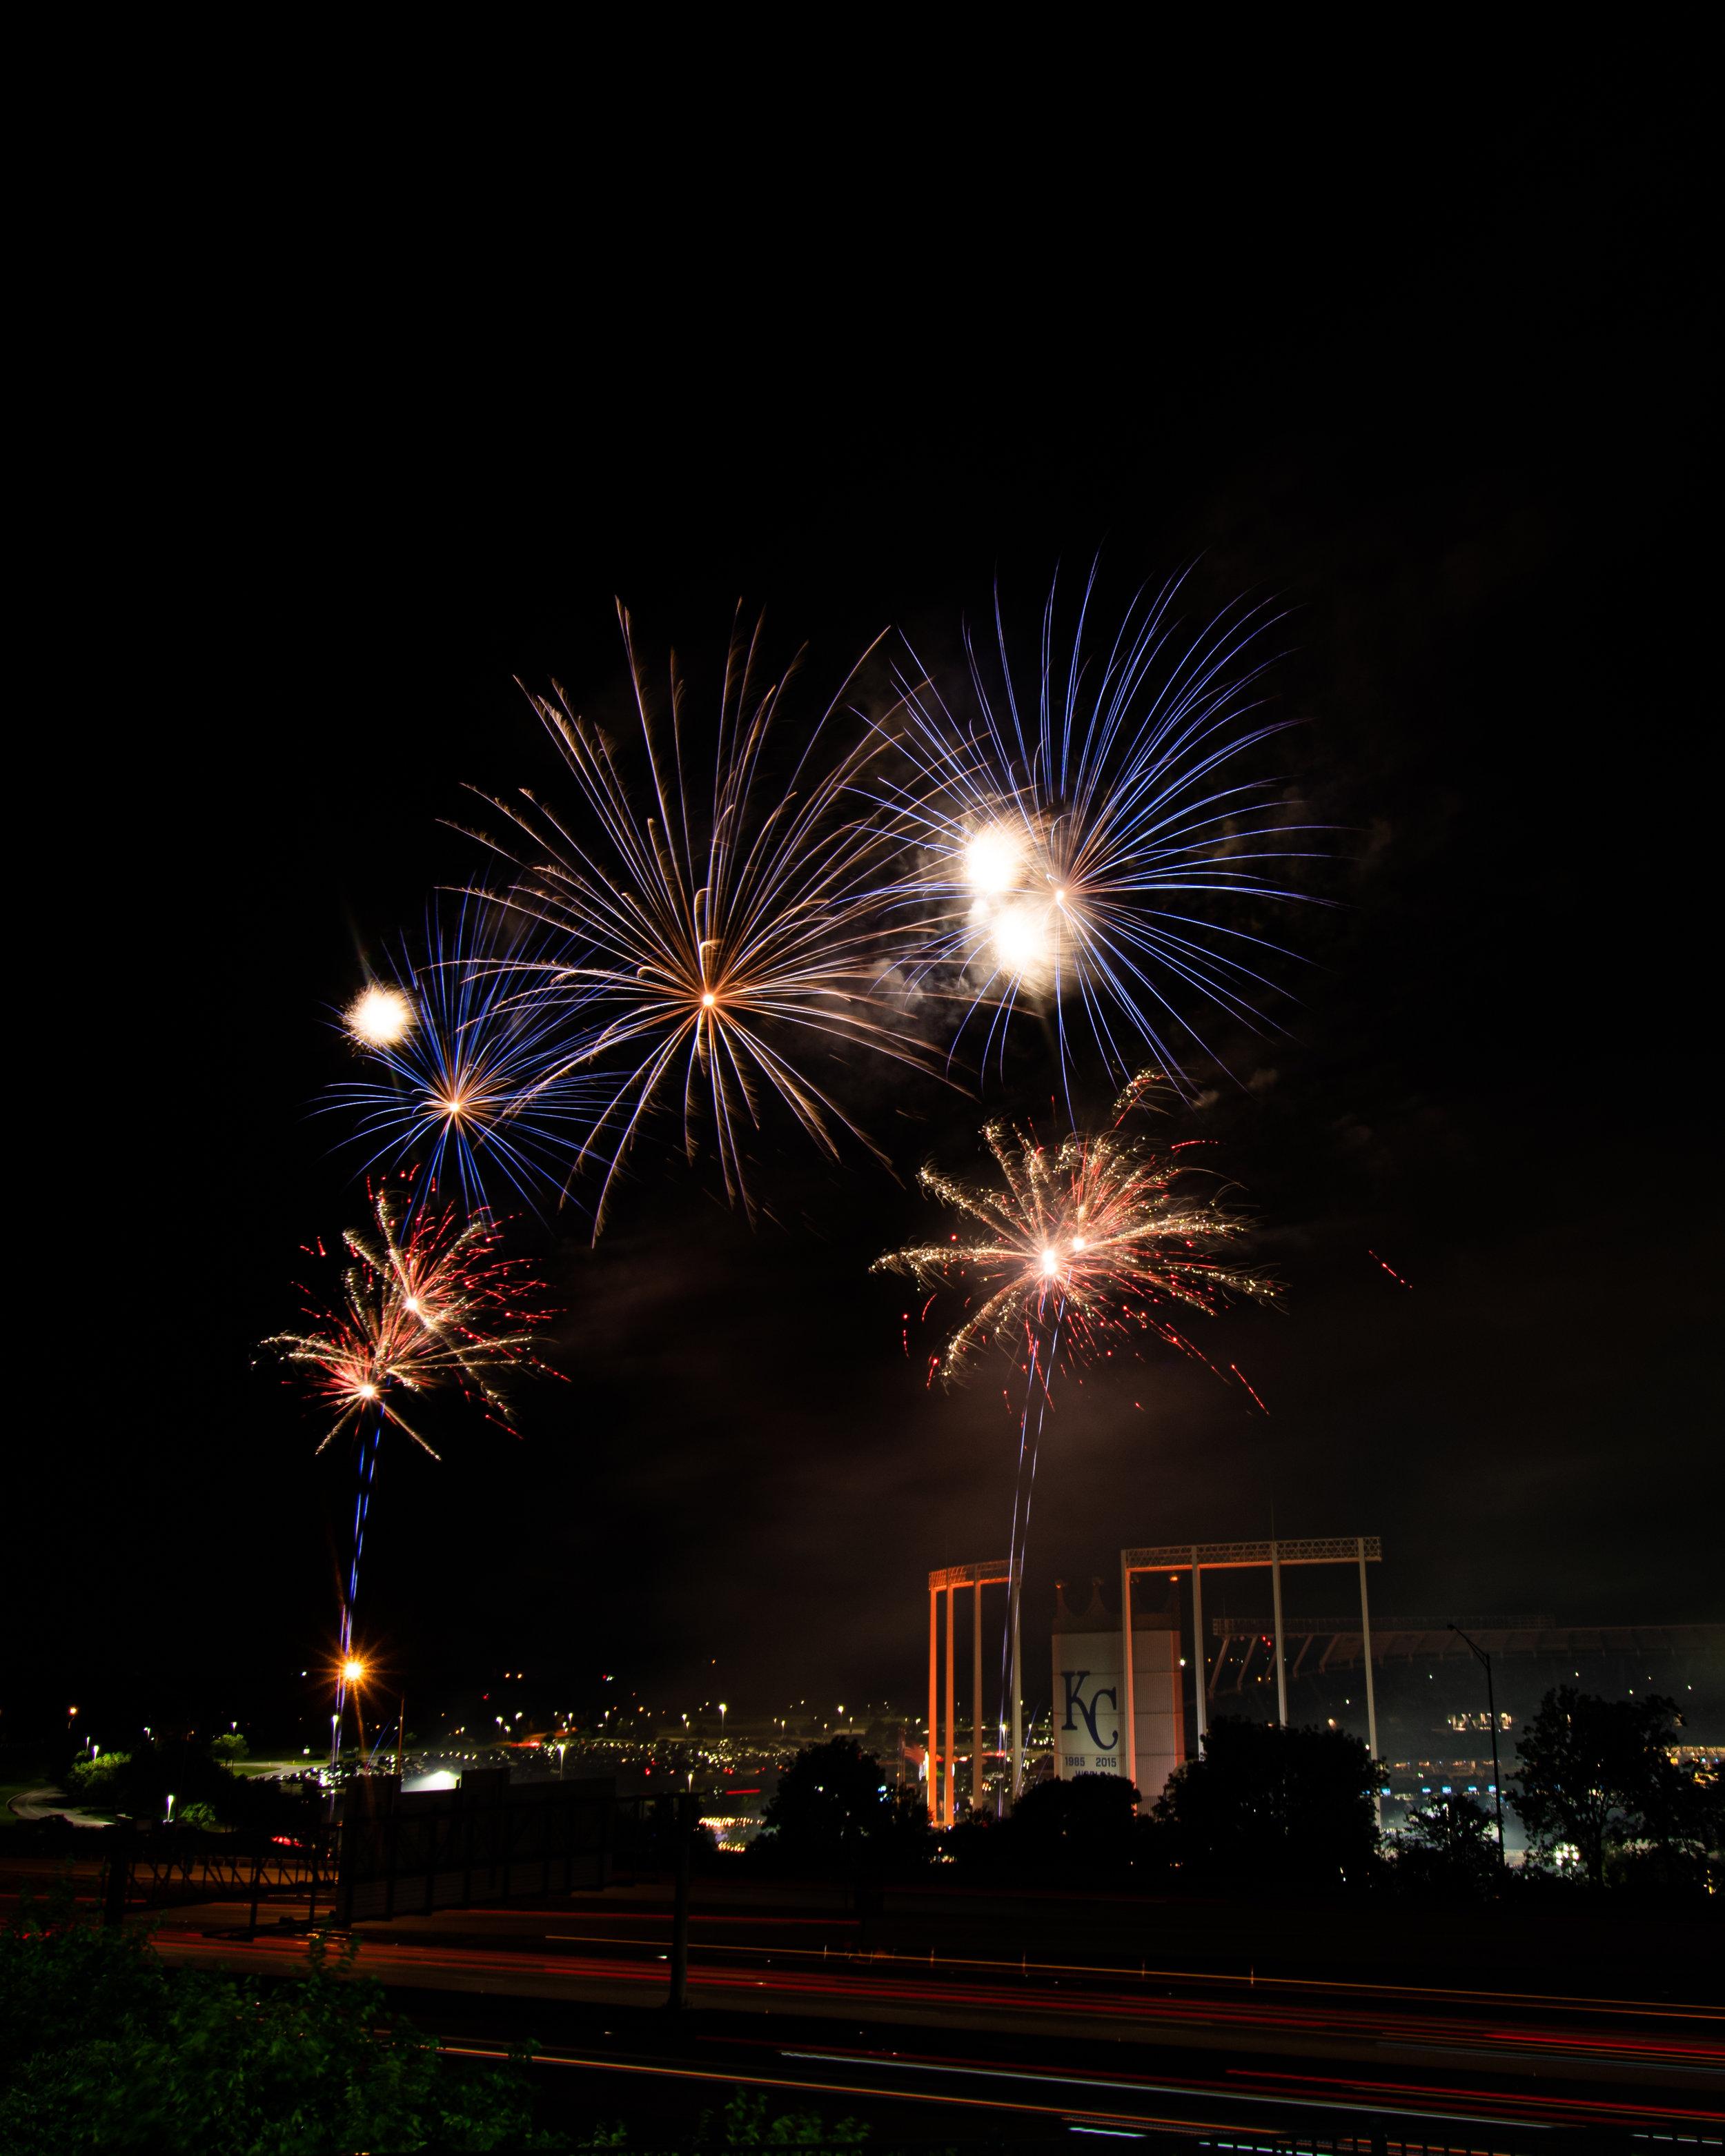 firework-friday-4-of-51_48108320448_o.jpg